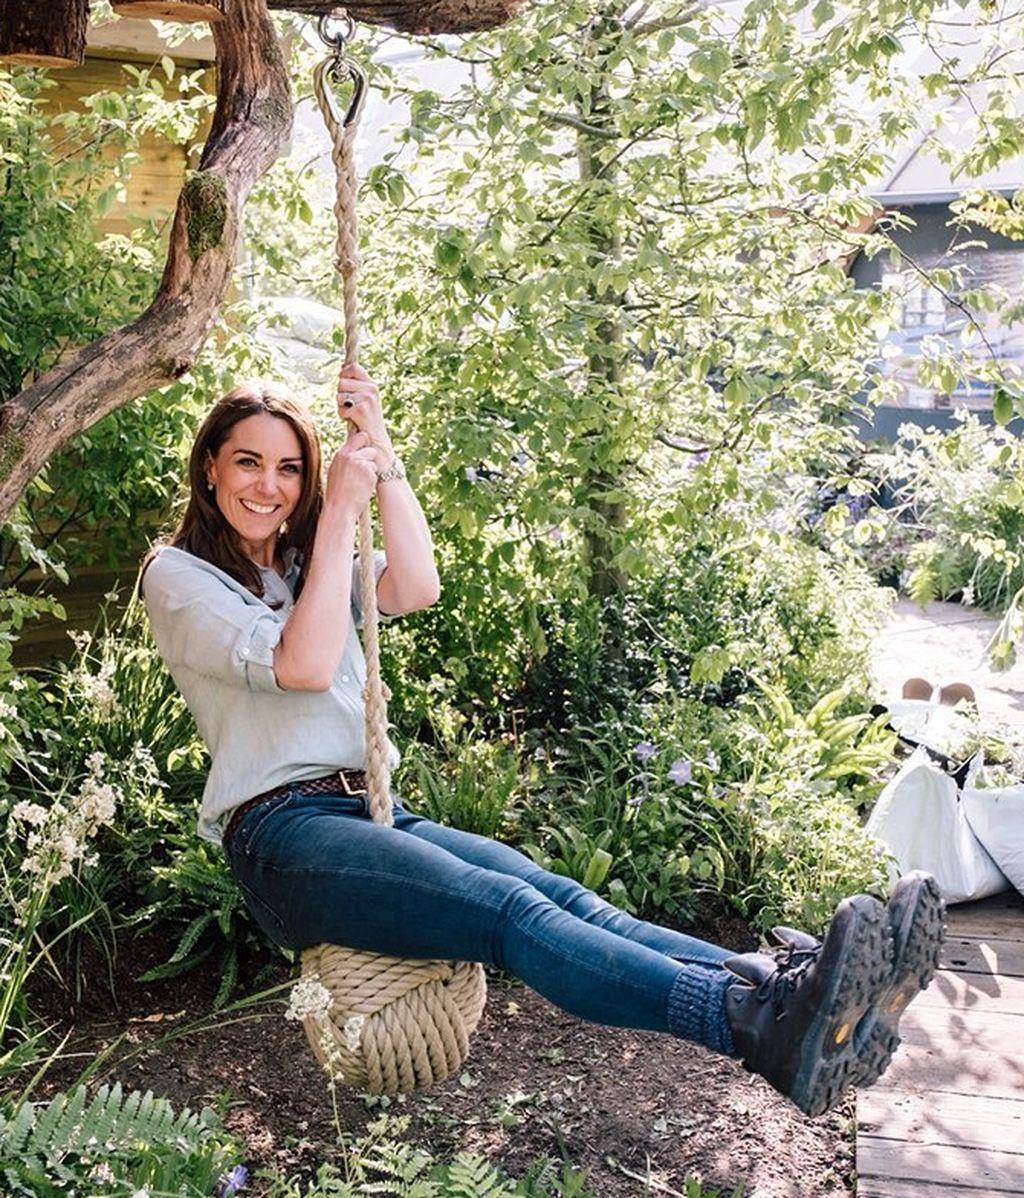 Kate Moddleton balanceándose en el columpio-bola colgante, uno de los elementos estrellas